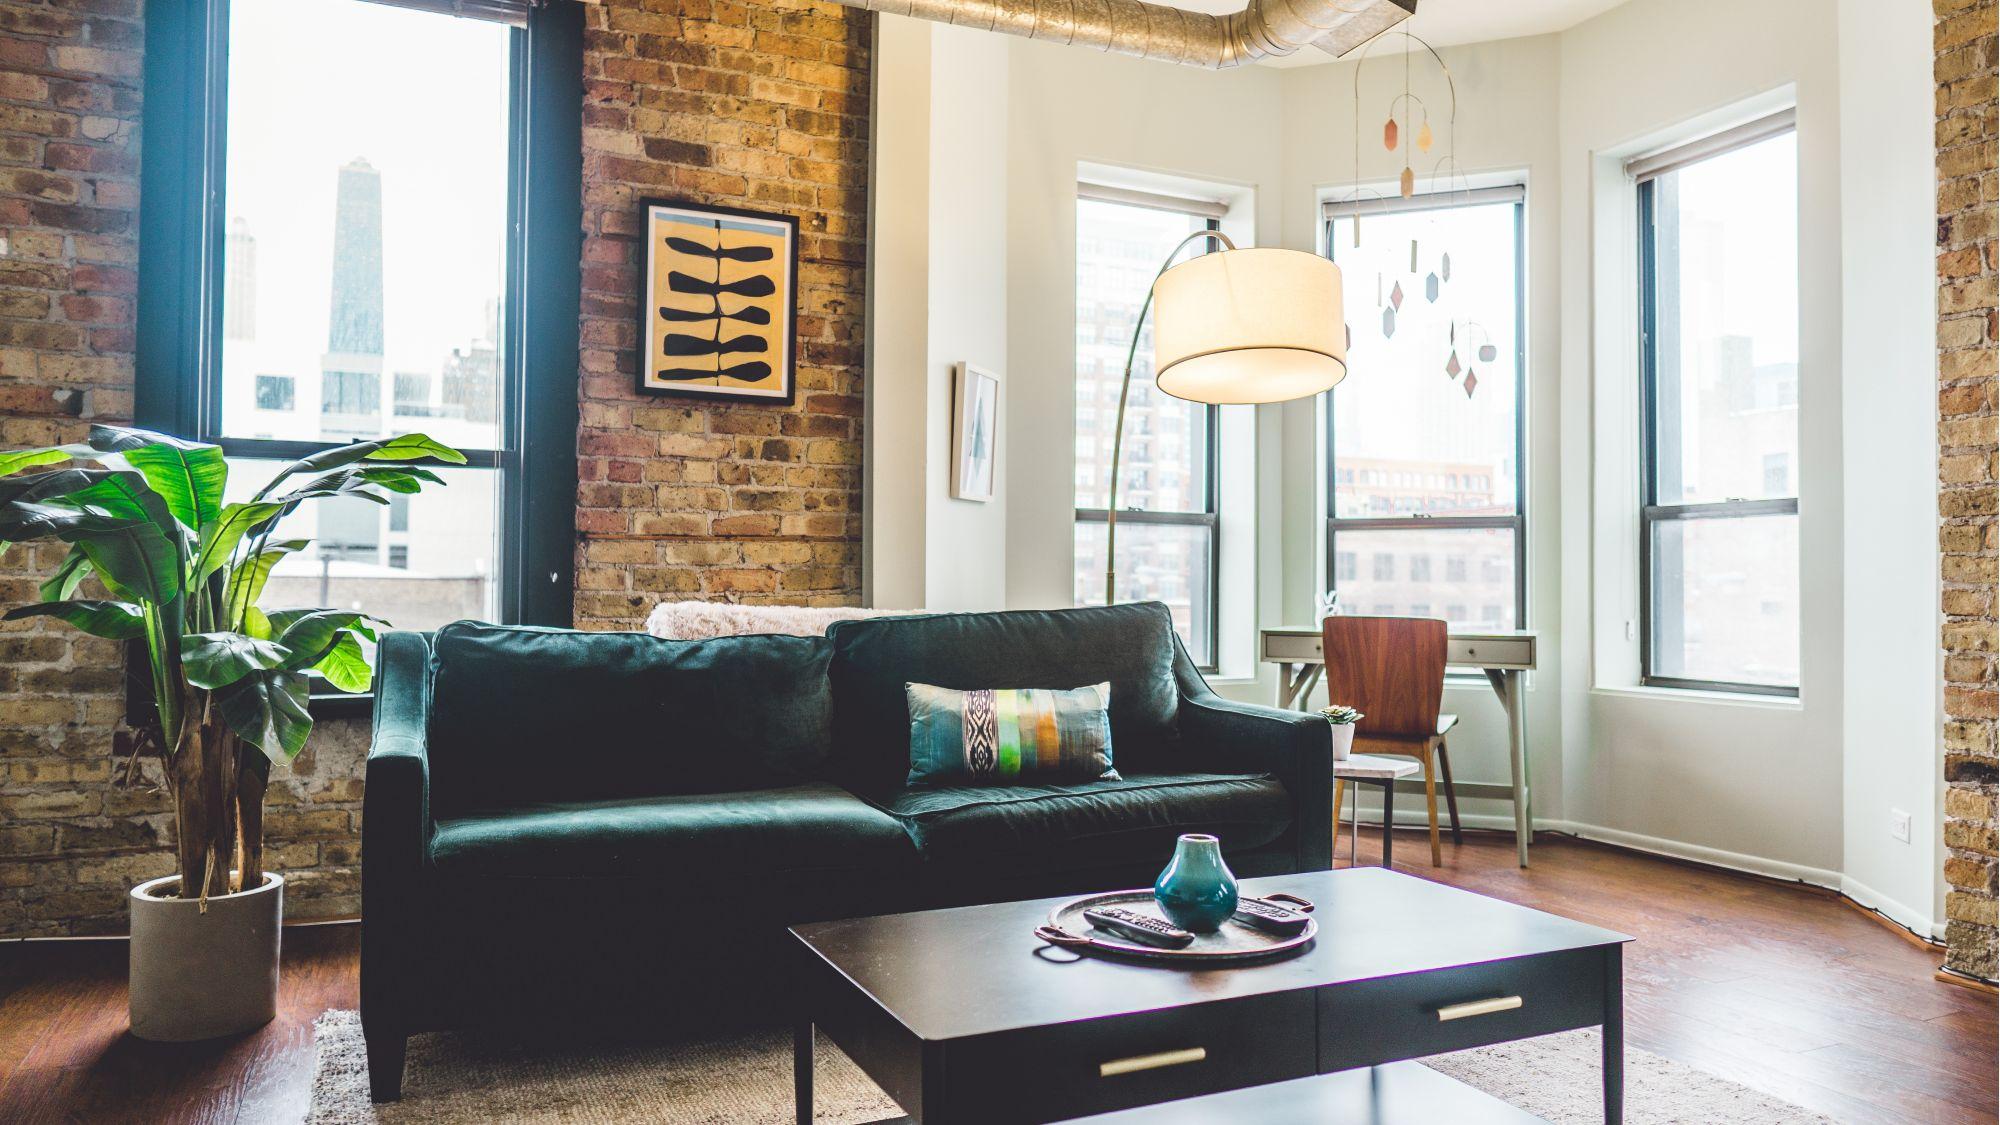 8 ispirazioni per usare una lampada orientabile nella zona giorno